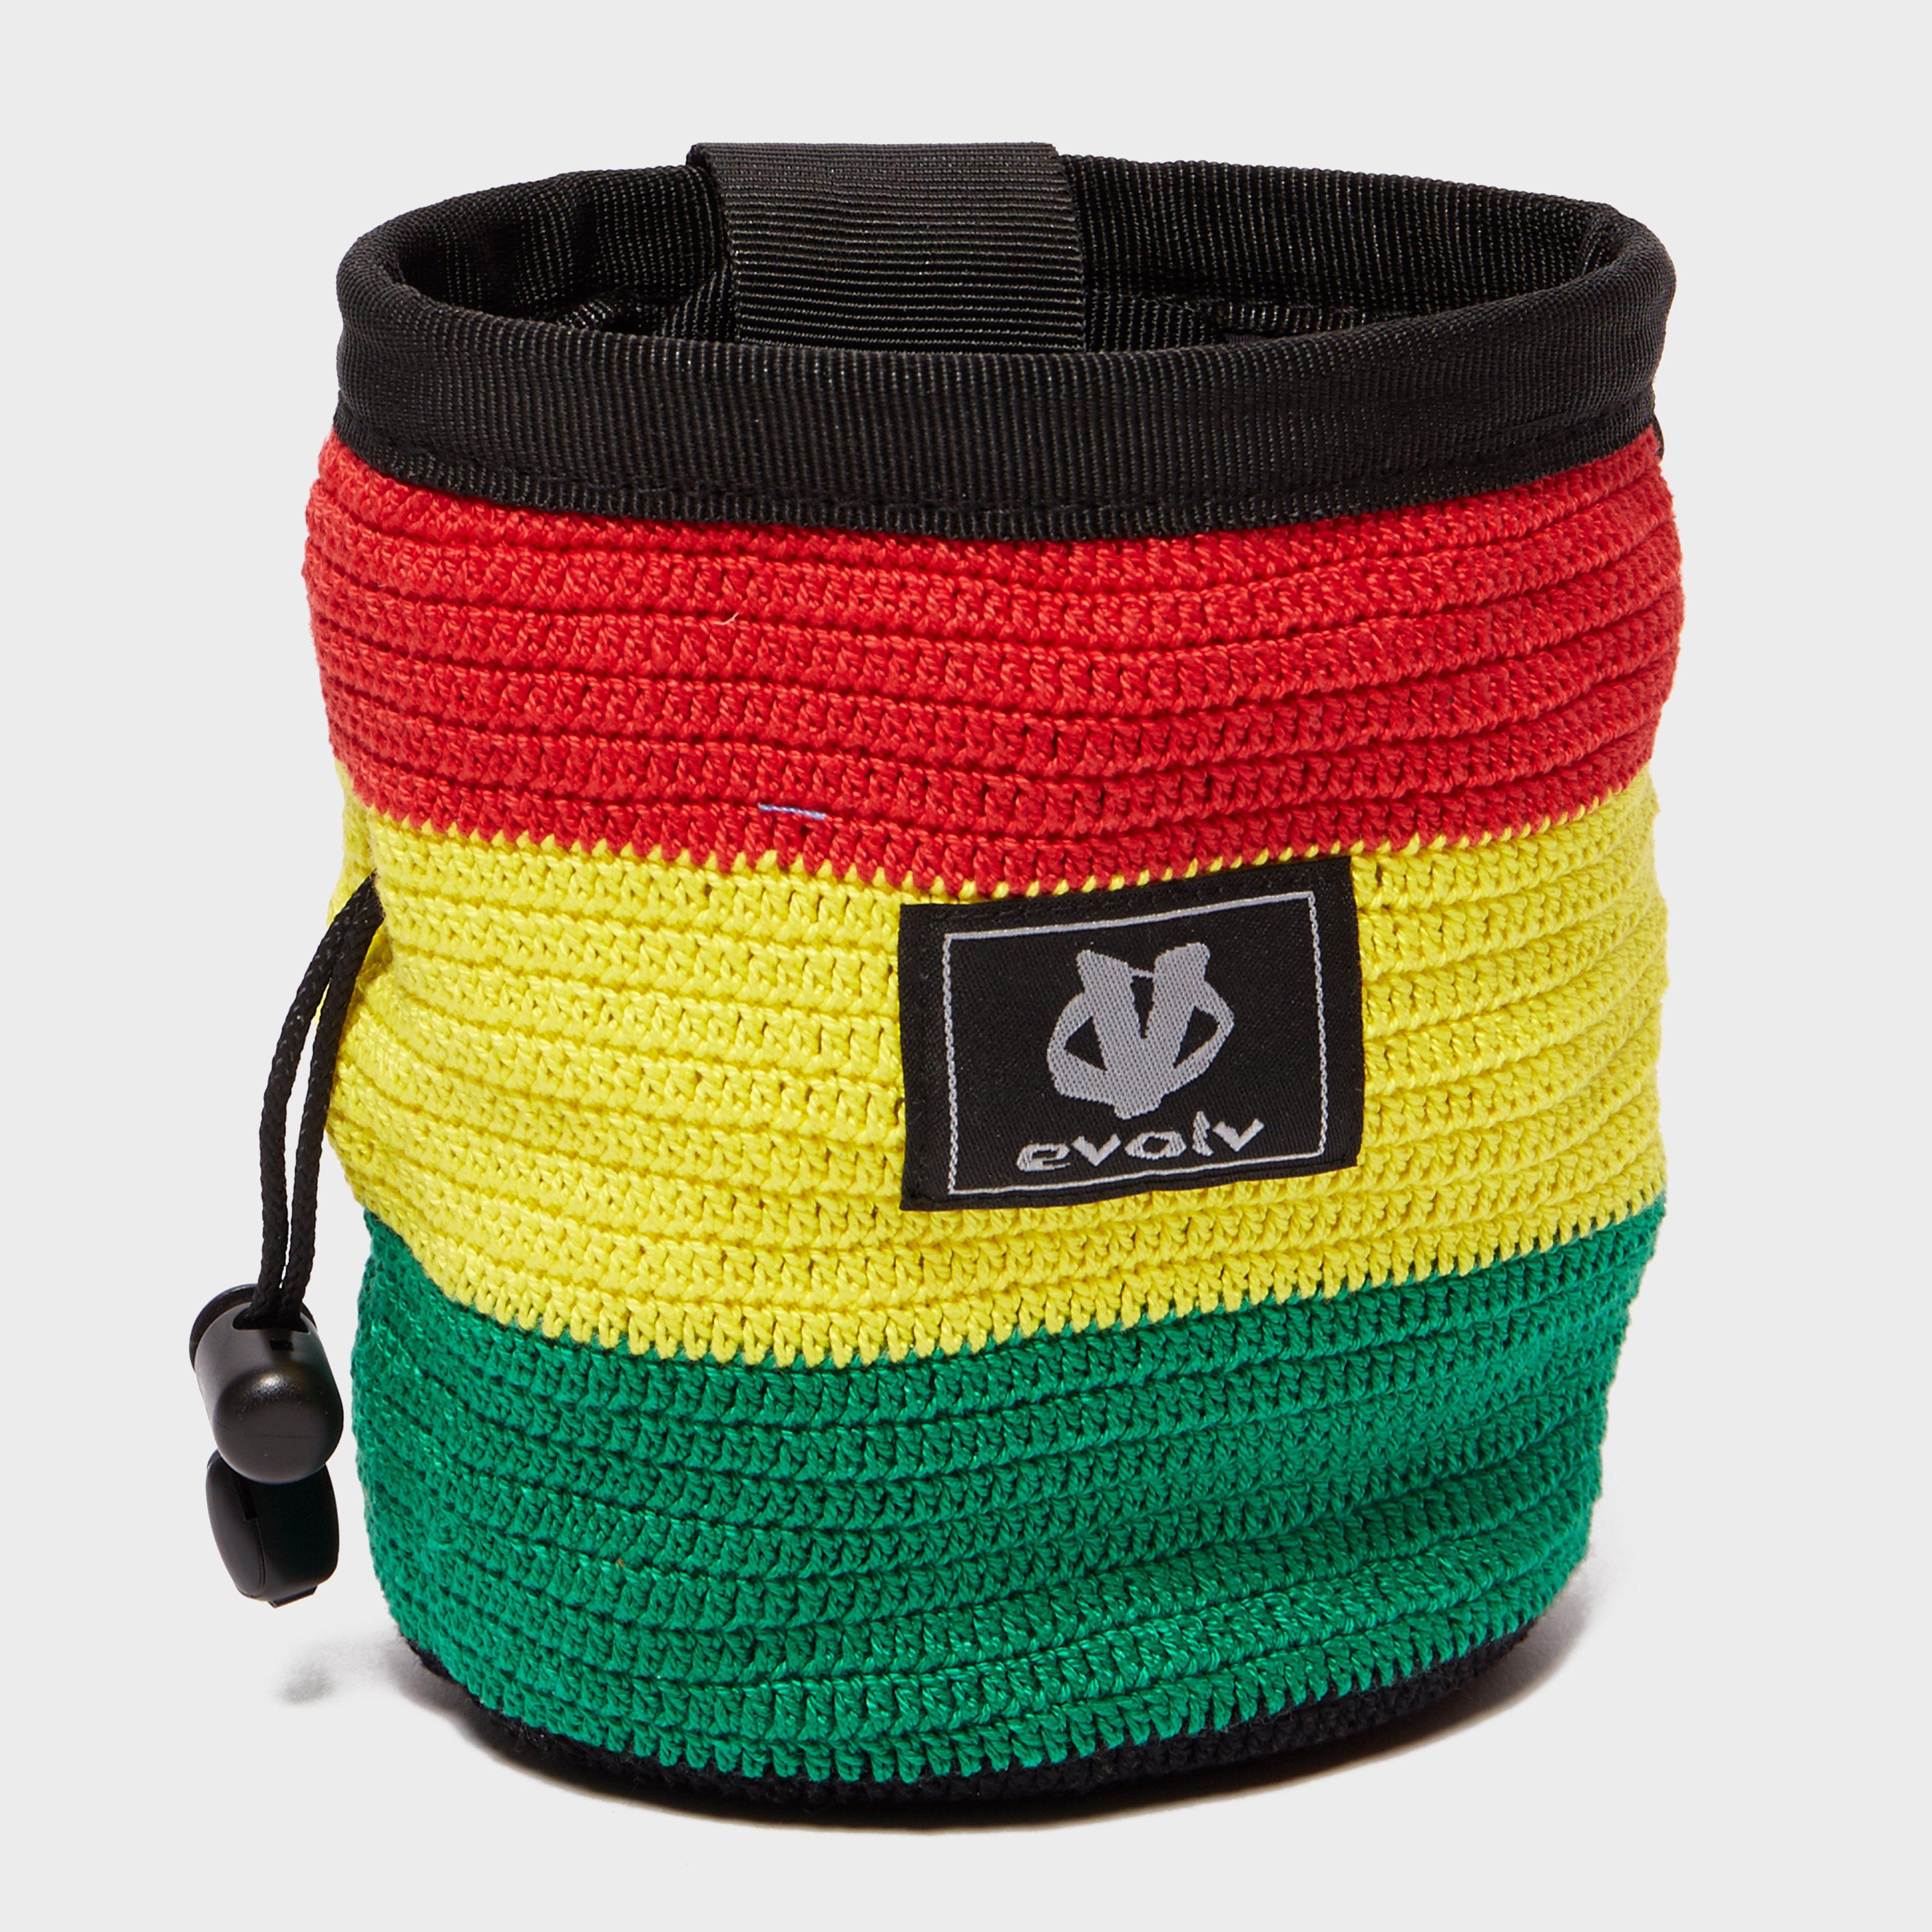 EVOLV Rasta Knit Chalk Bag